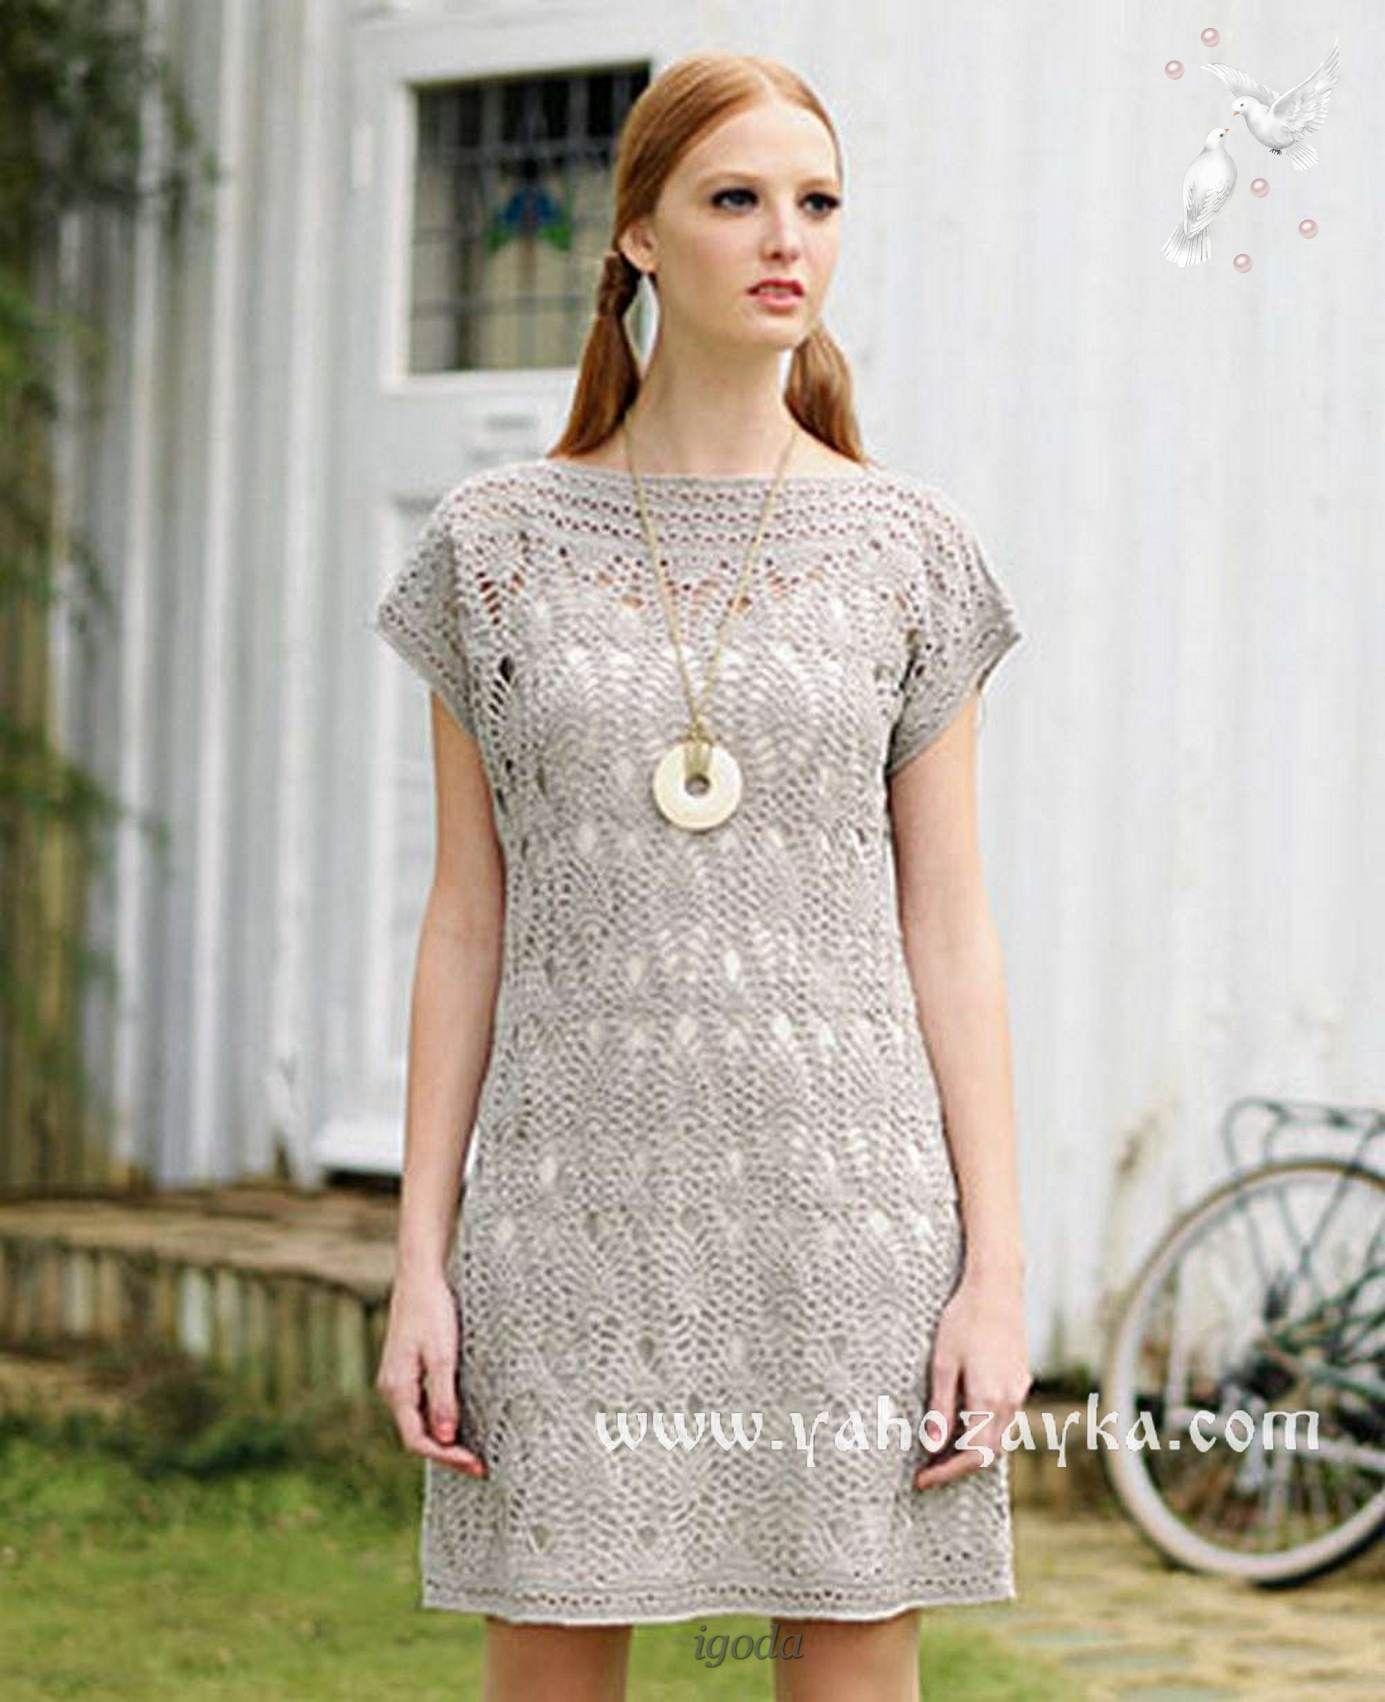 Платья из великолепной крючком